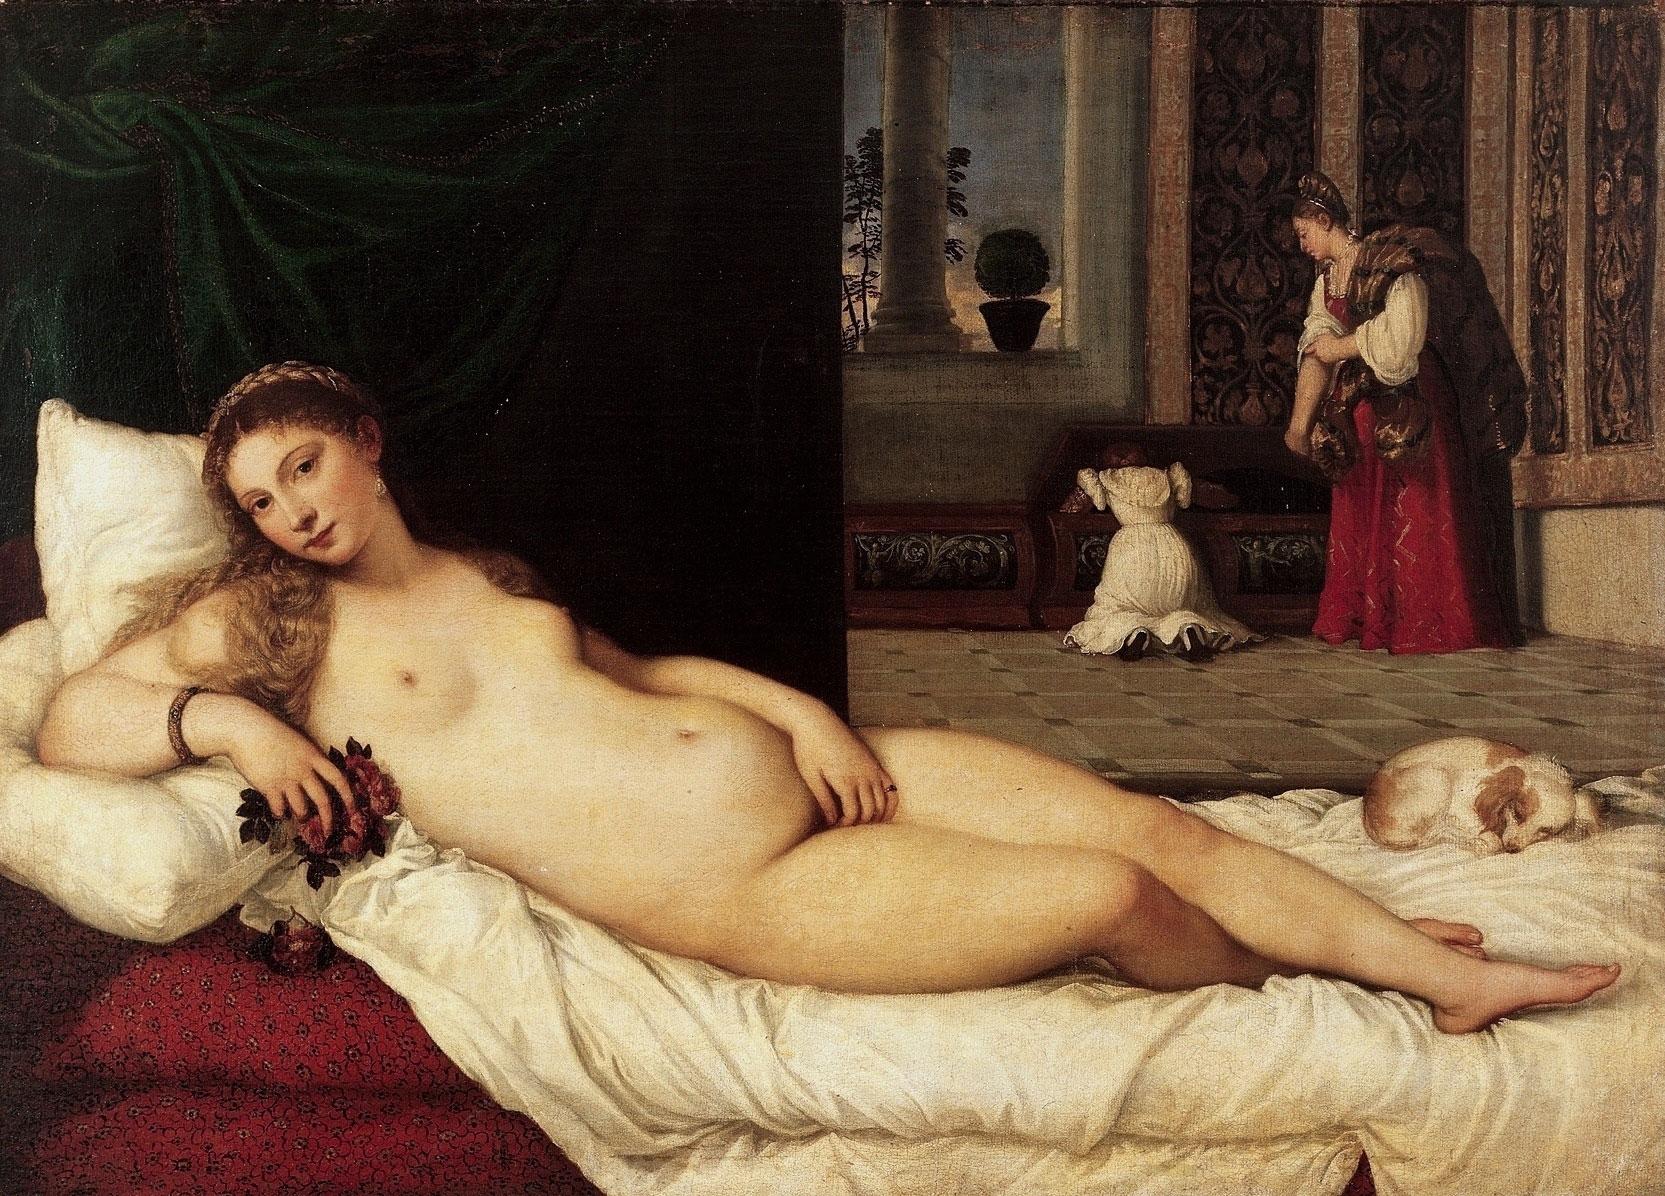 Tiziano, Venere di Urbino (1538; olio su tela, 119 x 165 cm; Firenze, Galleria degli Uffizi)